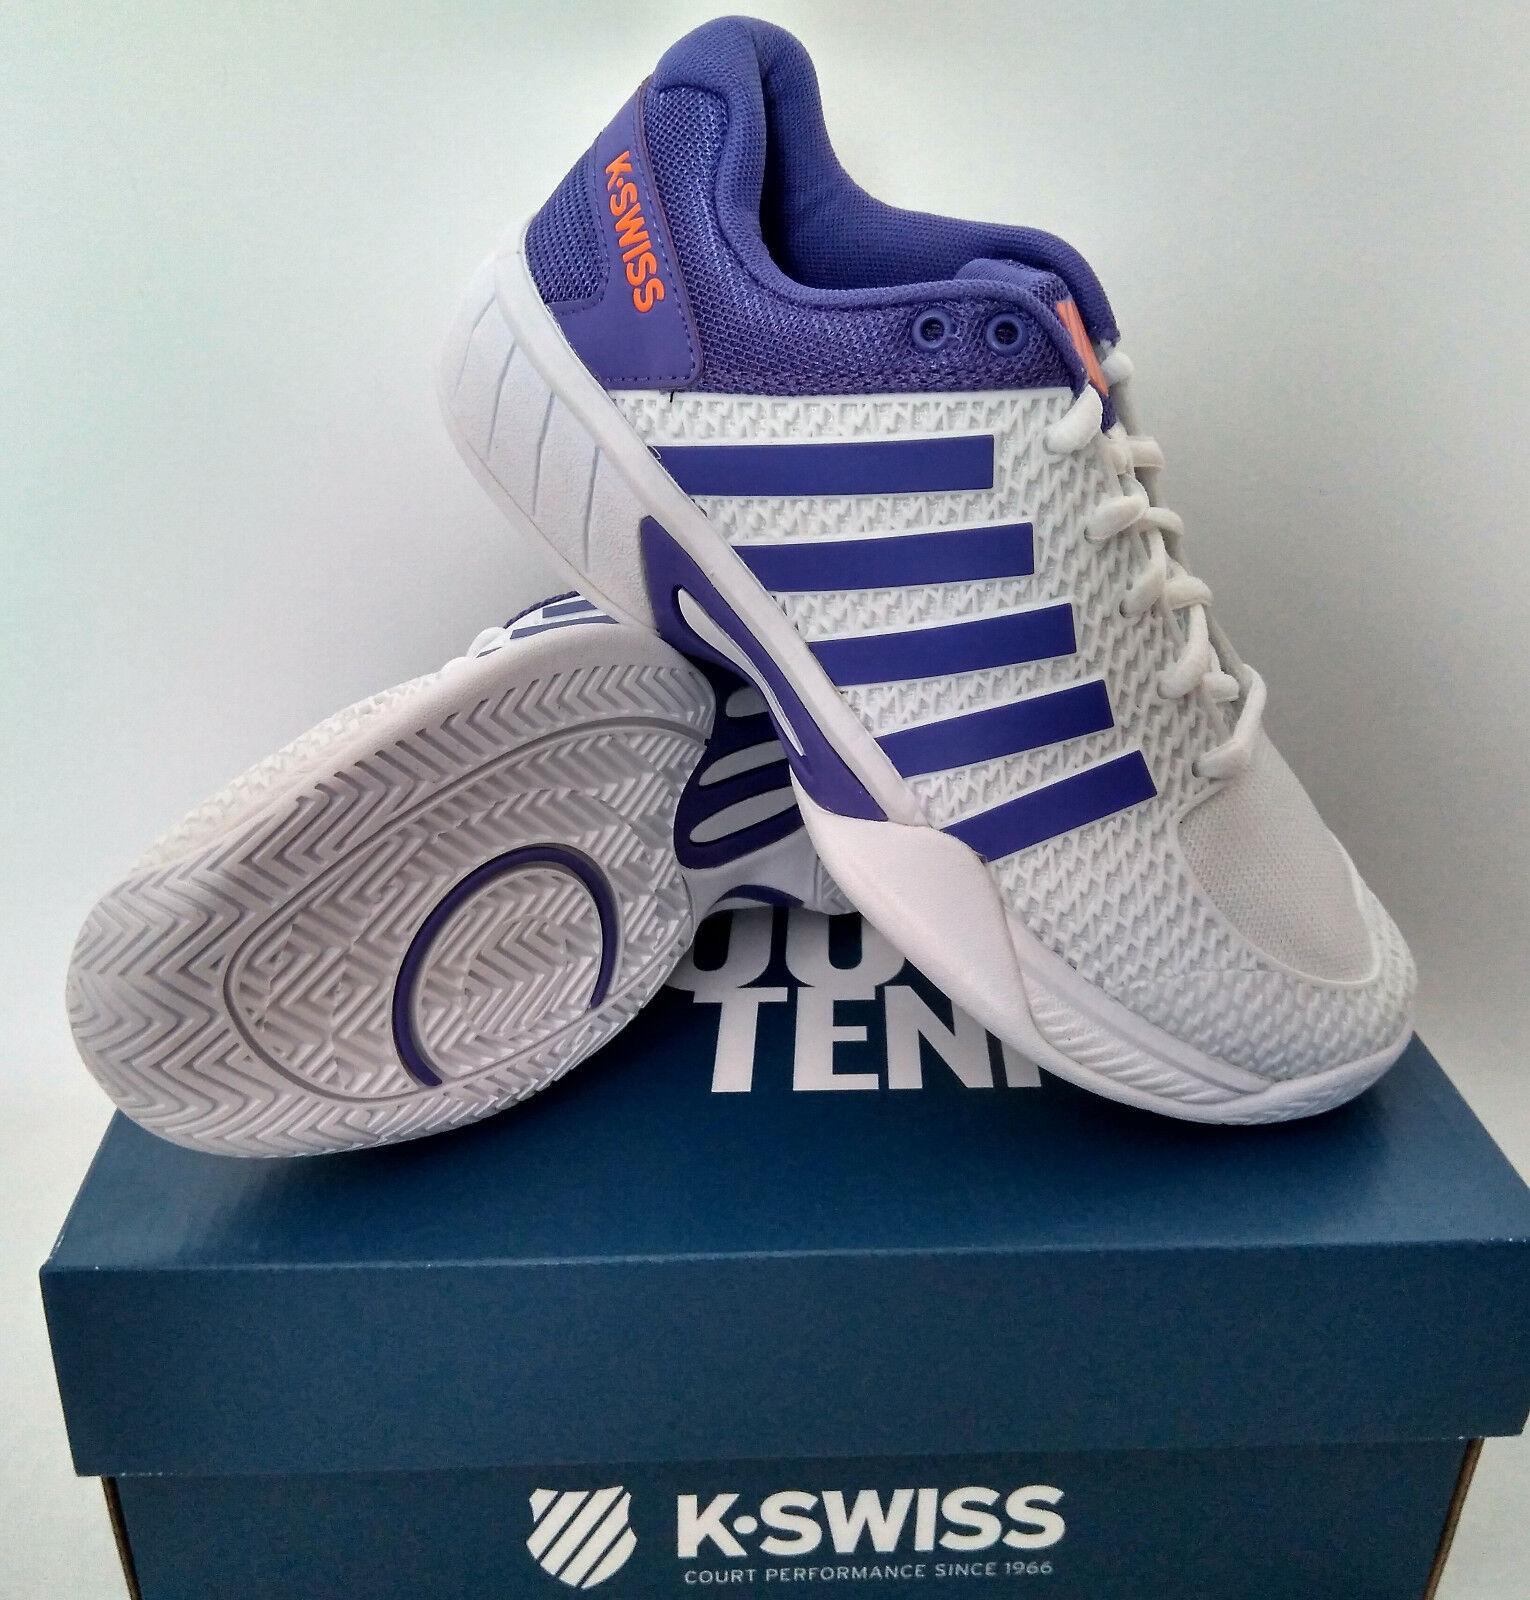 TOPANGEBOT  K-Swiss Express Light Light Light weiß lila, Damen Tennisschuhe, e ff26b8